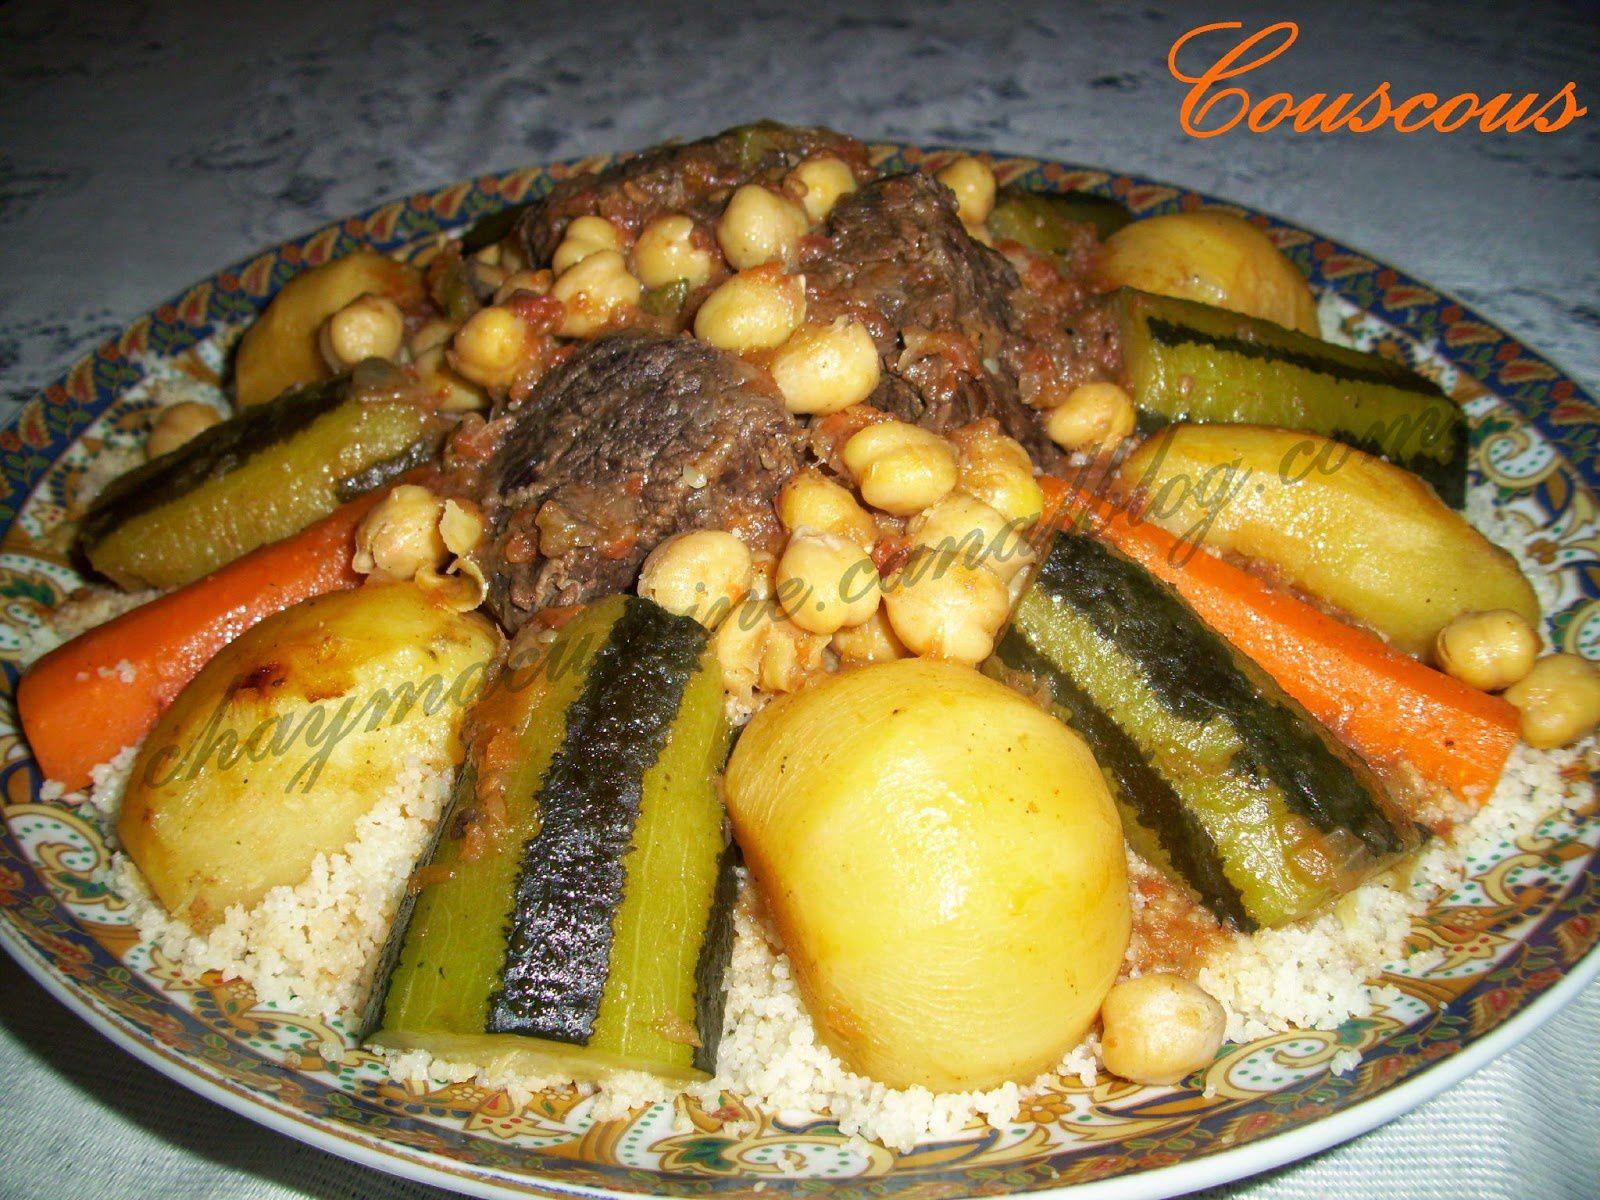 couscous marocain viande et poulet